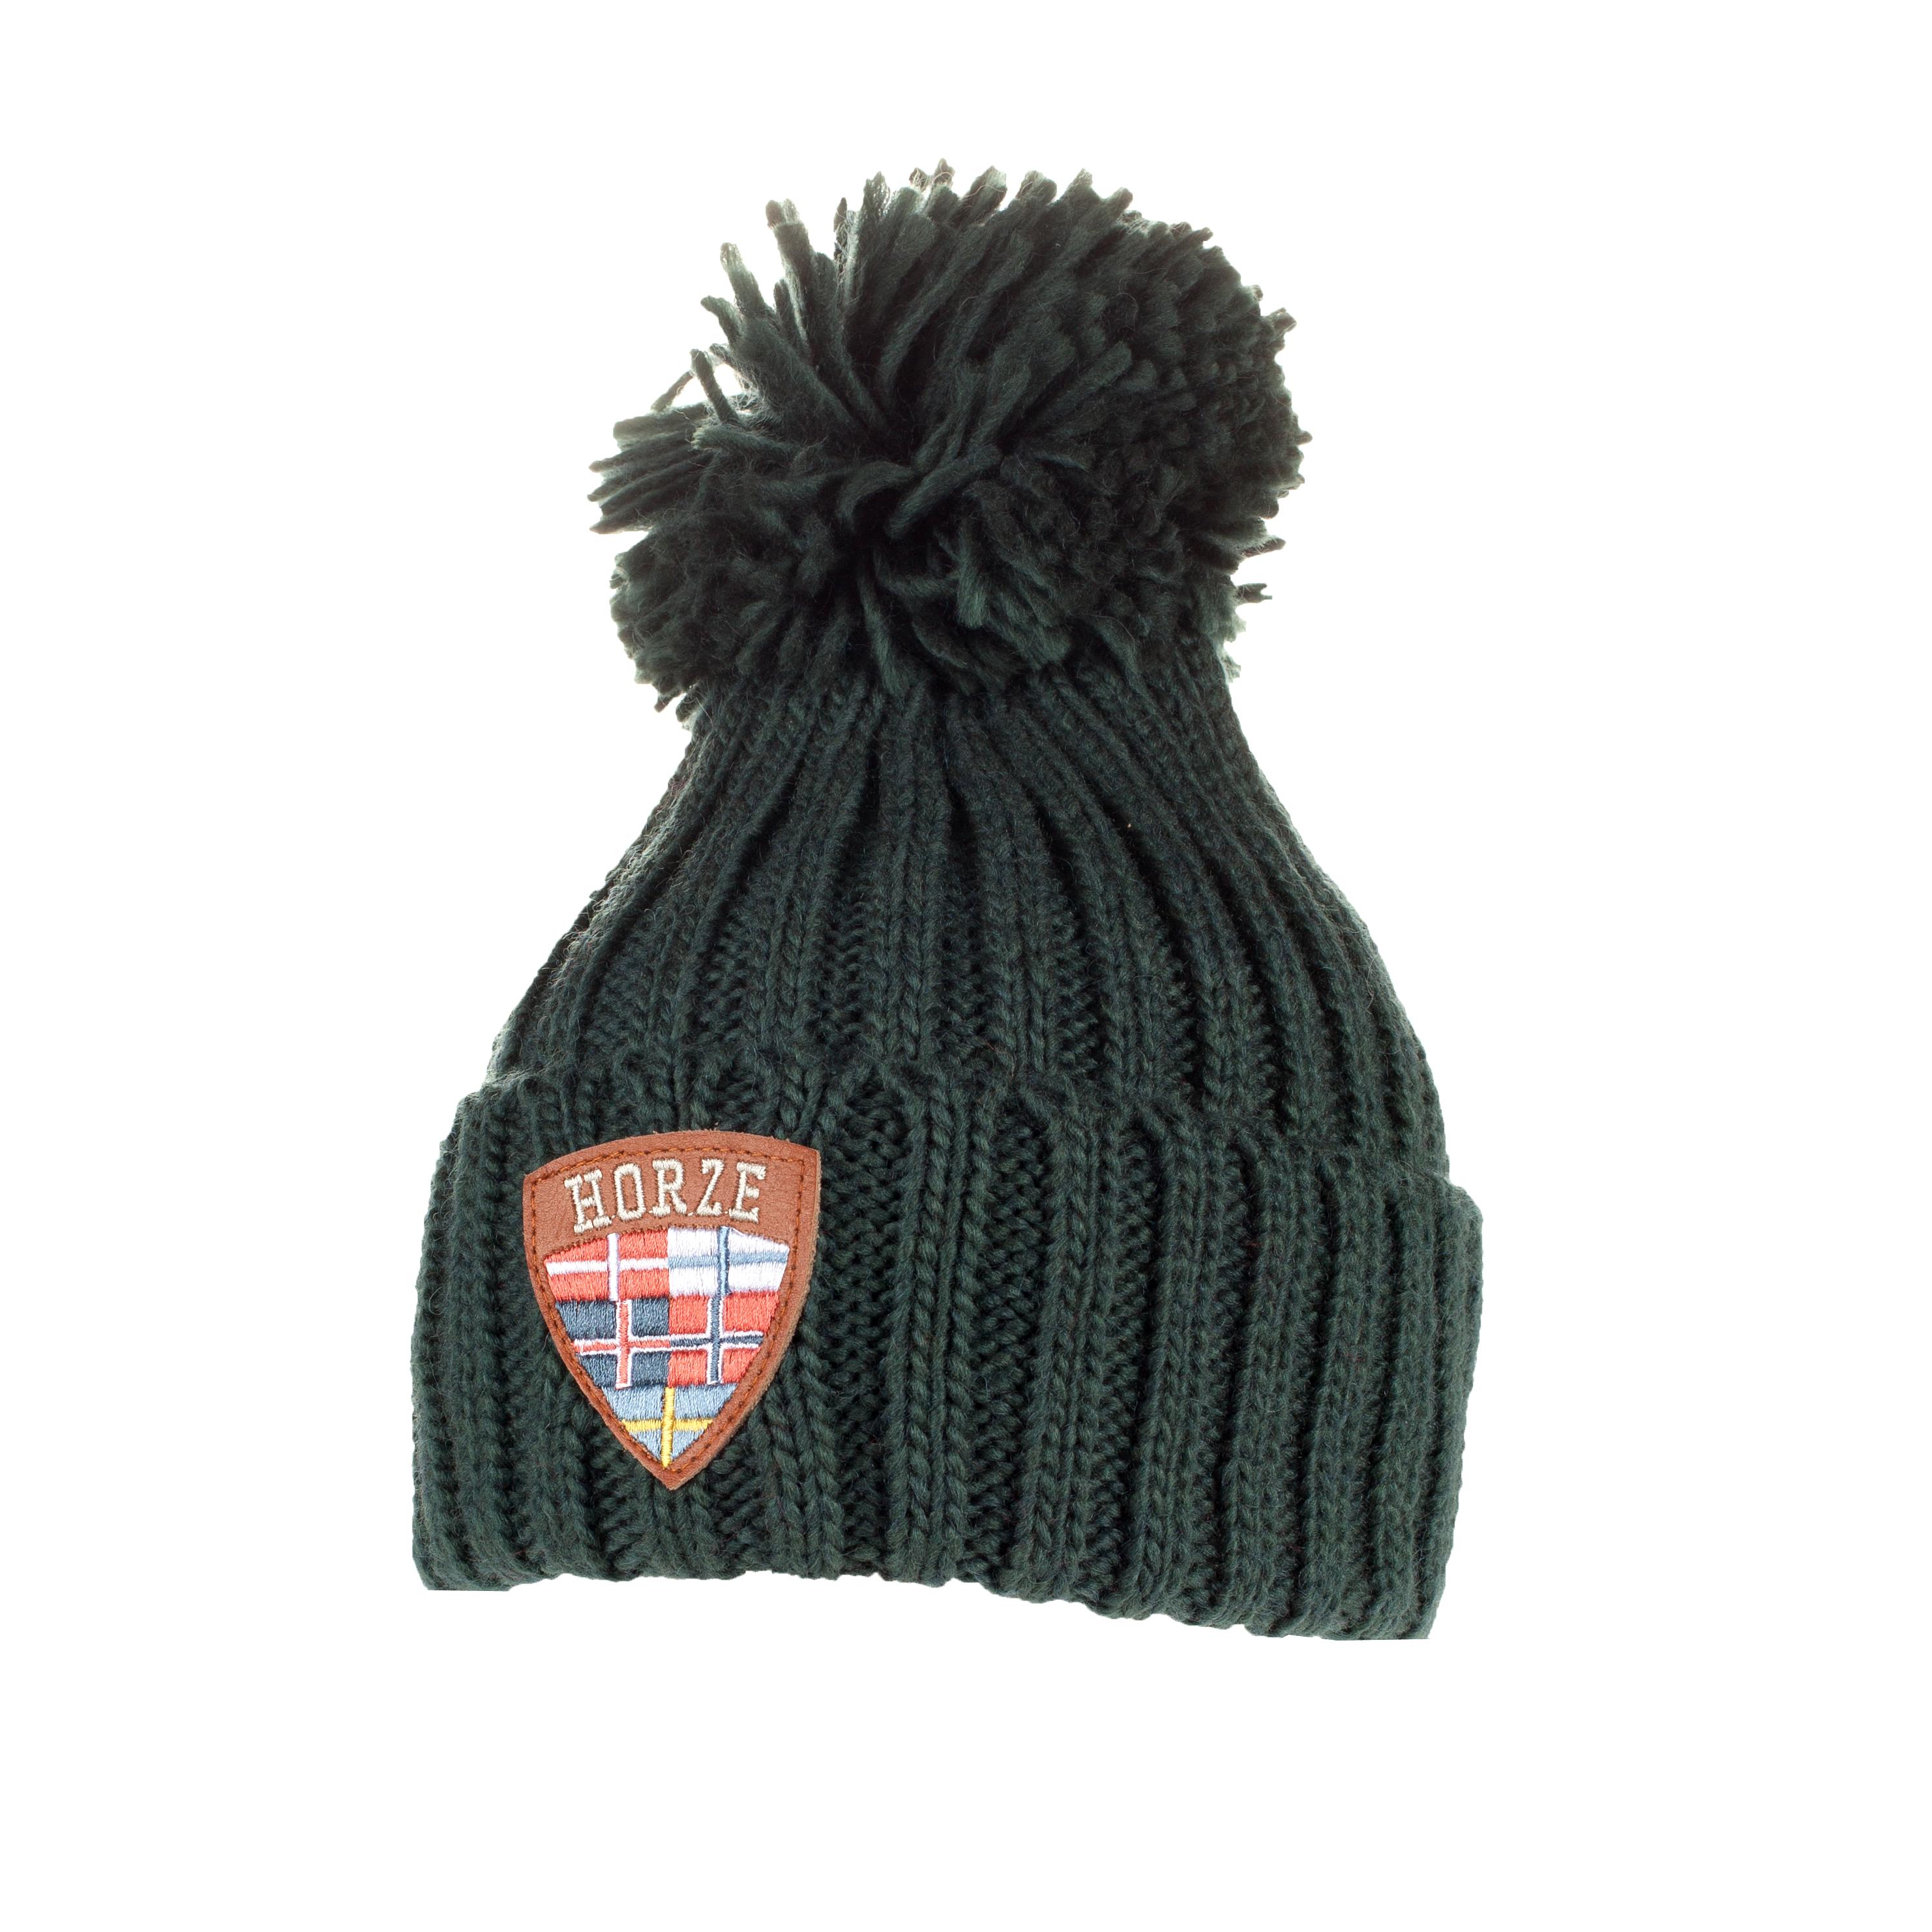 Horze Flynn Knitted Hat